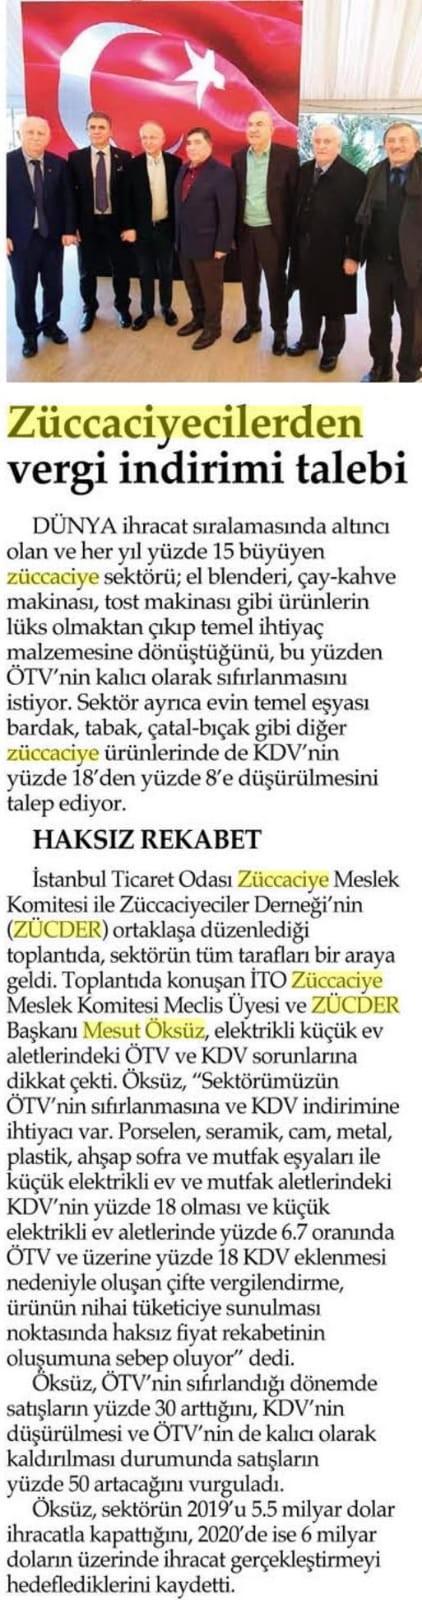 Zücder İstanbul Ticaret Gazetesi 21.01.2020